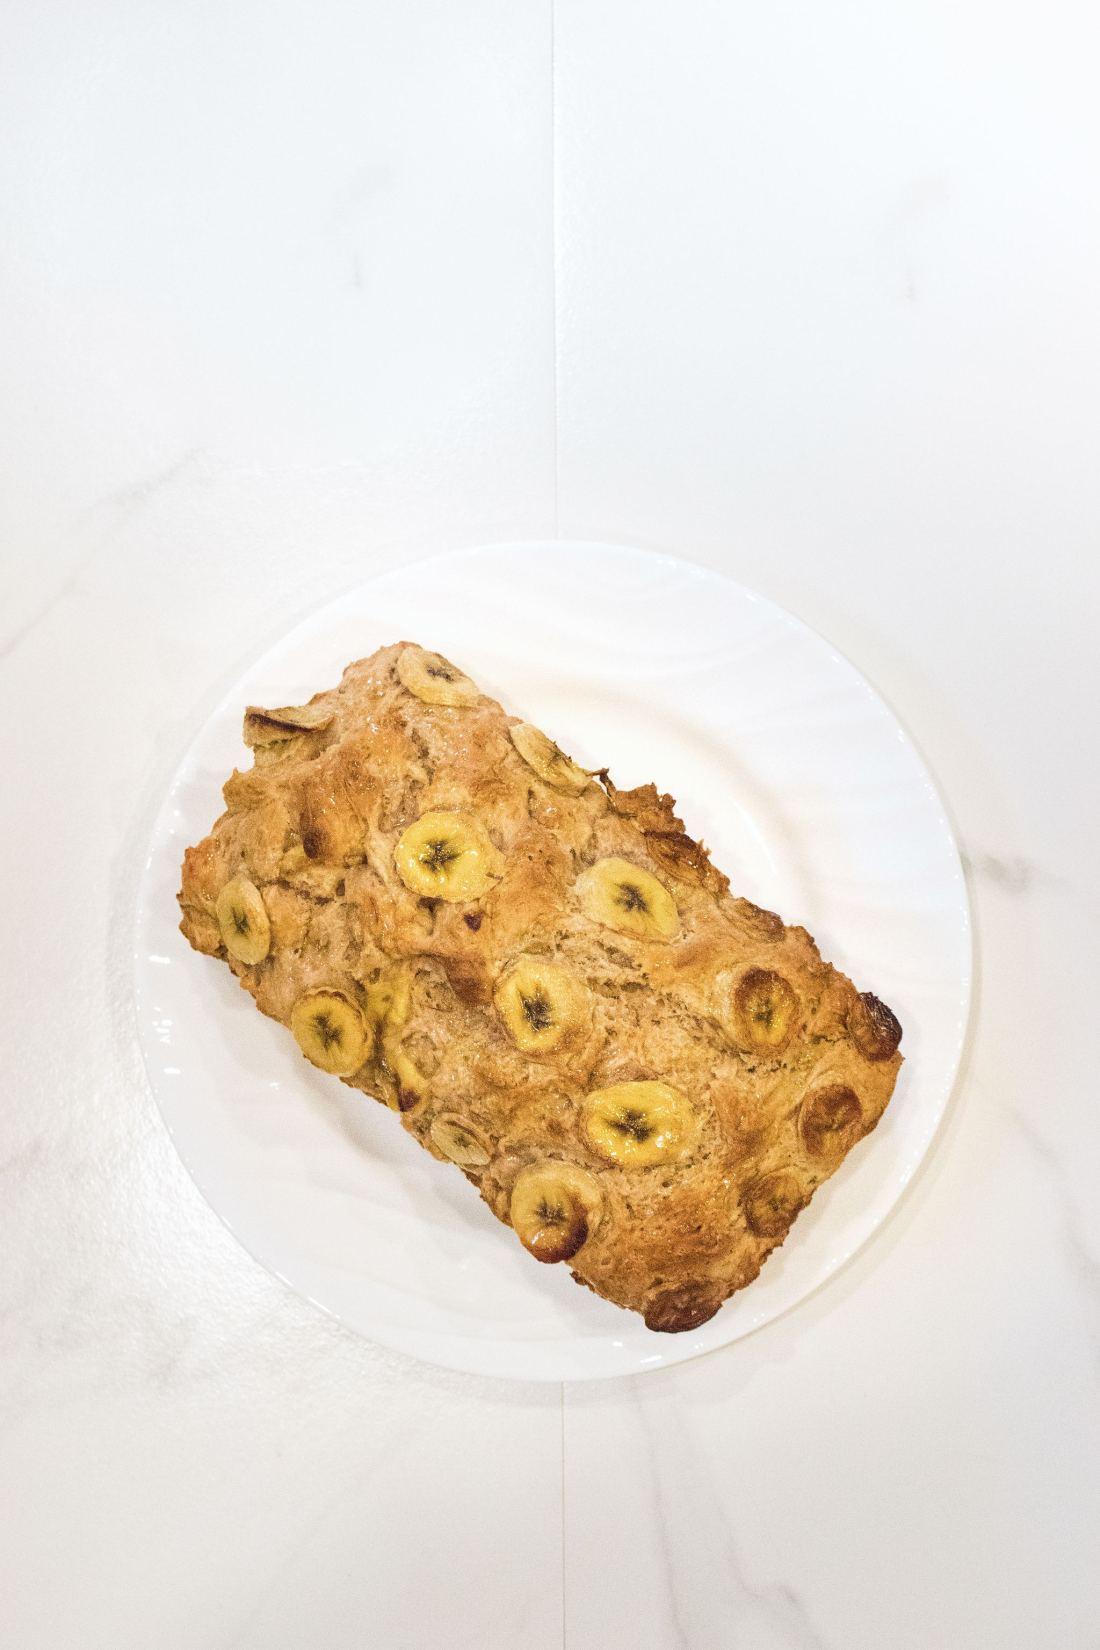 honey-oat-banana-bread-recipe